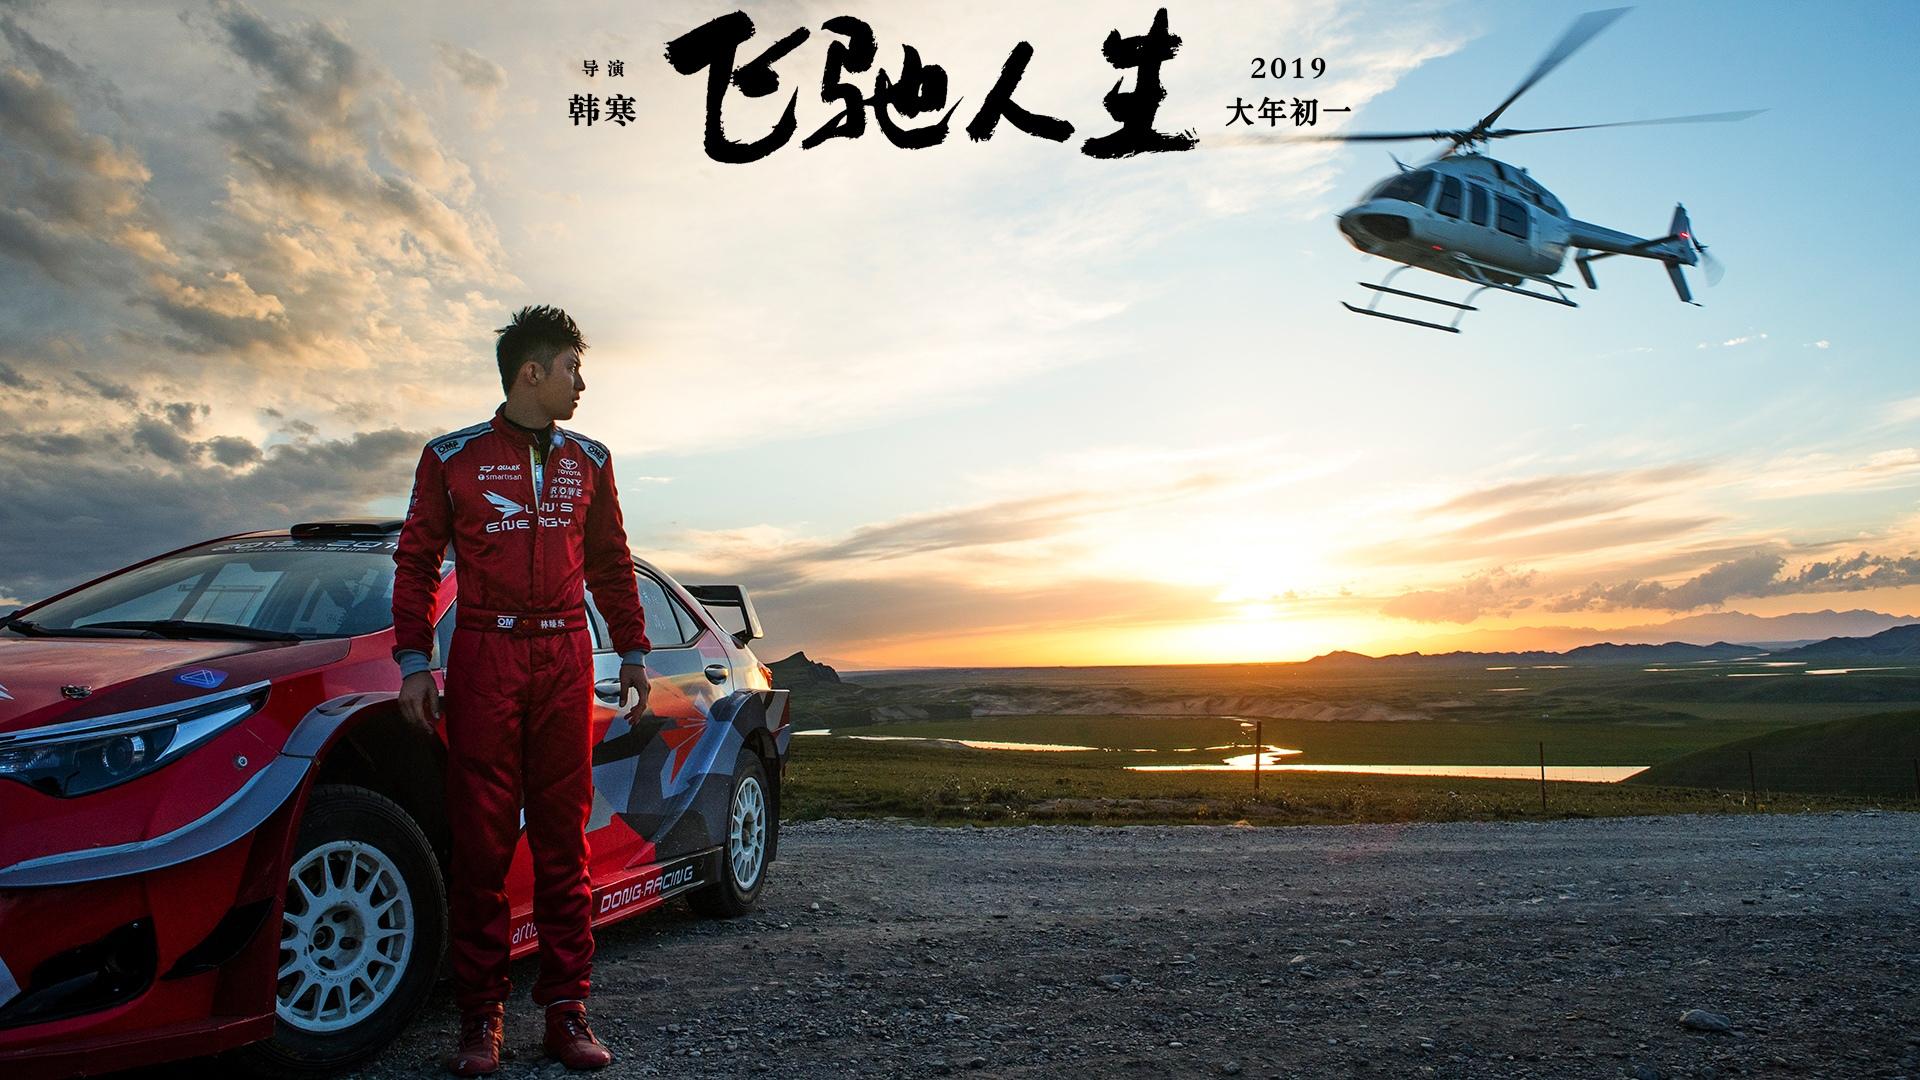 驚險刺激的賽車電影《飛馳人生》,駕駛著一段「不平凡之路」